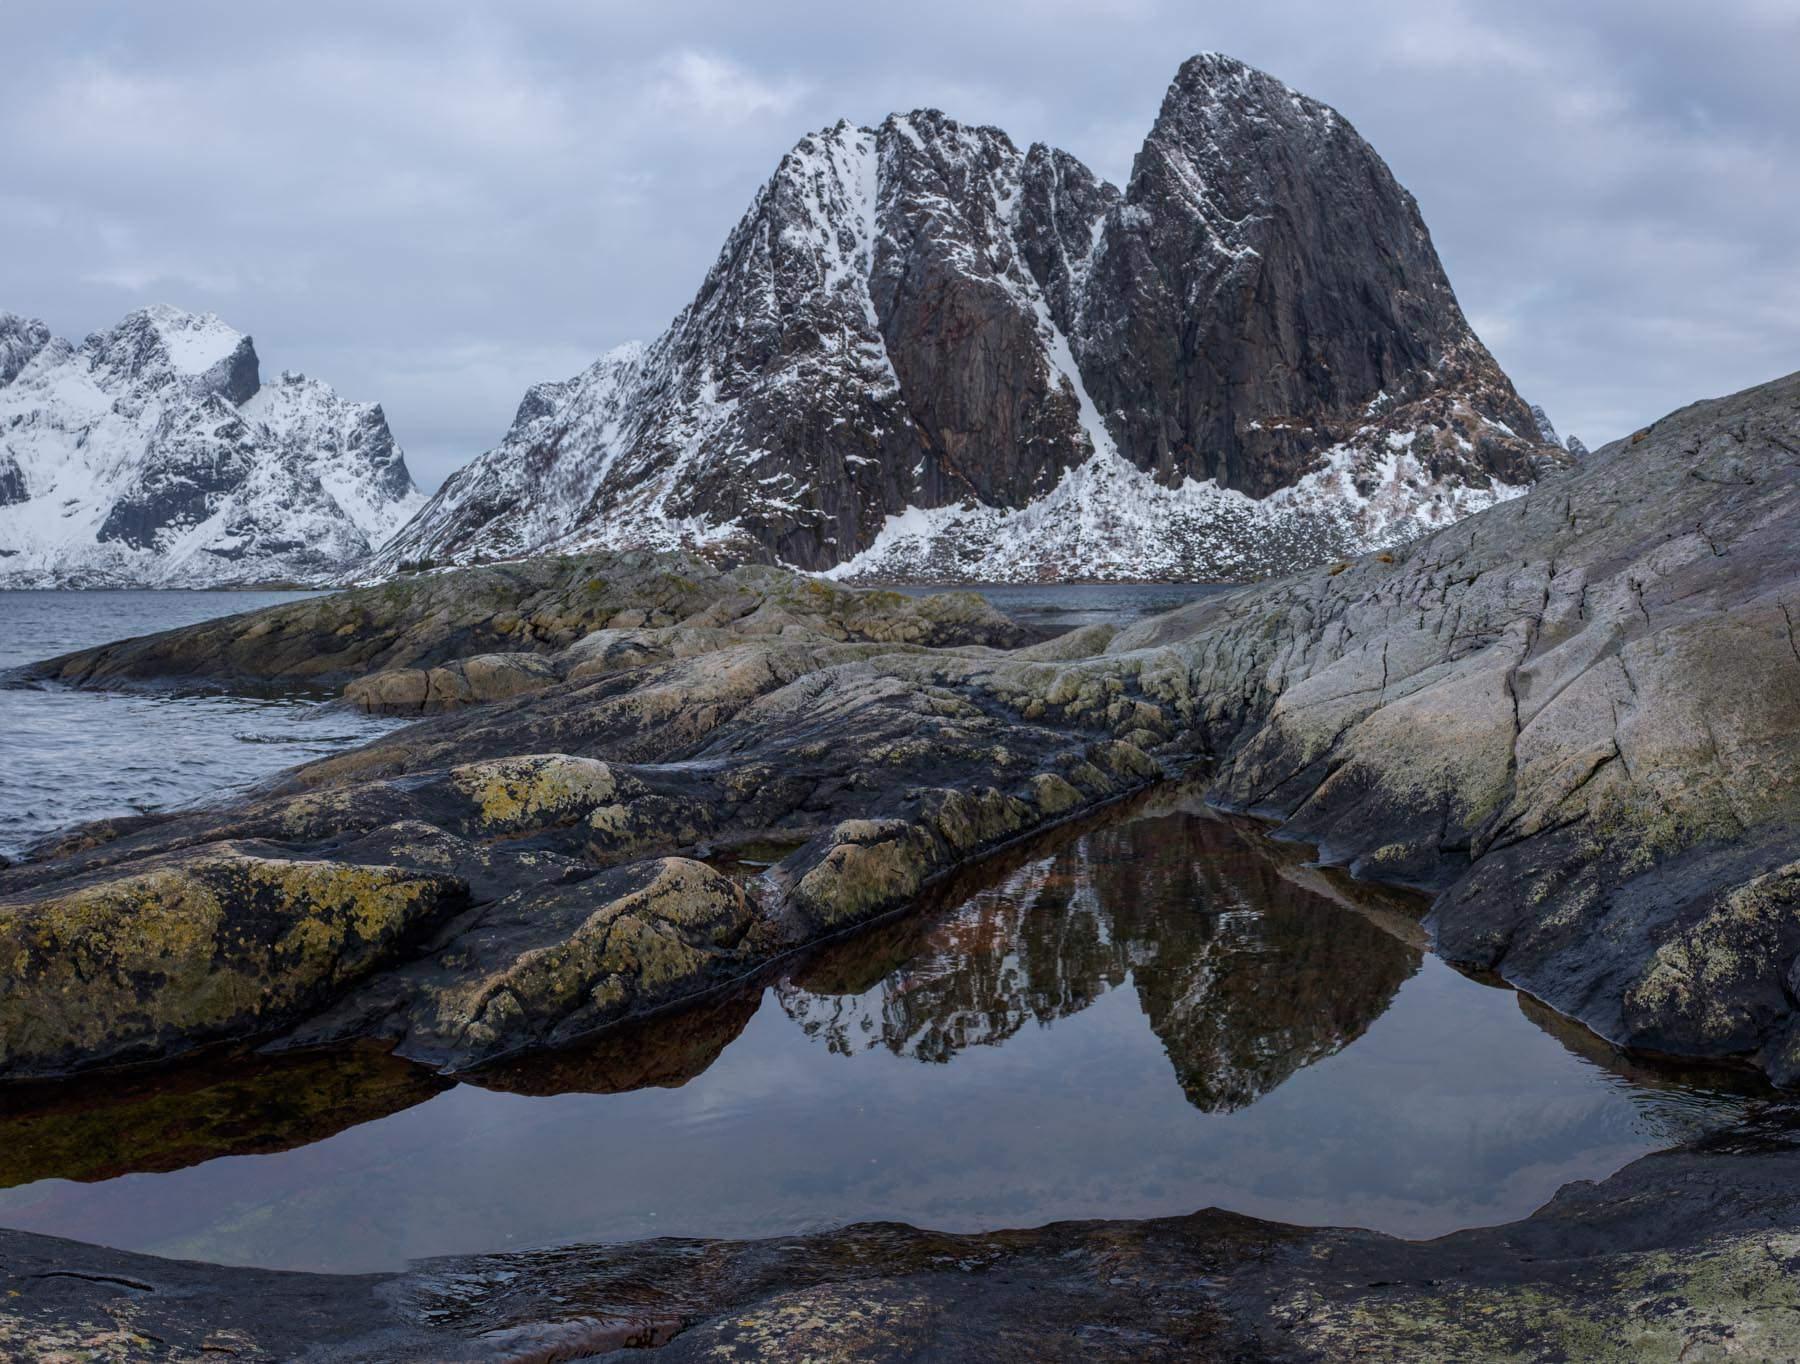 Hamnøy aus untypischer Perspektive